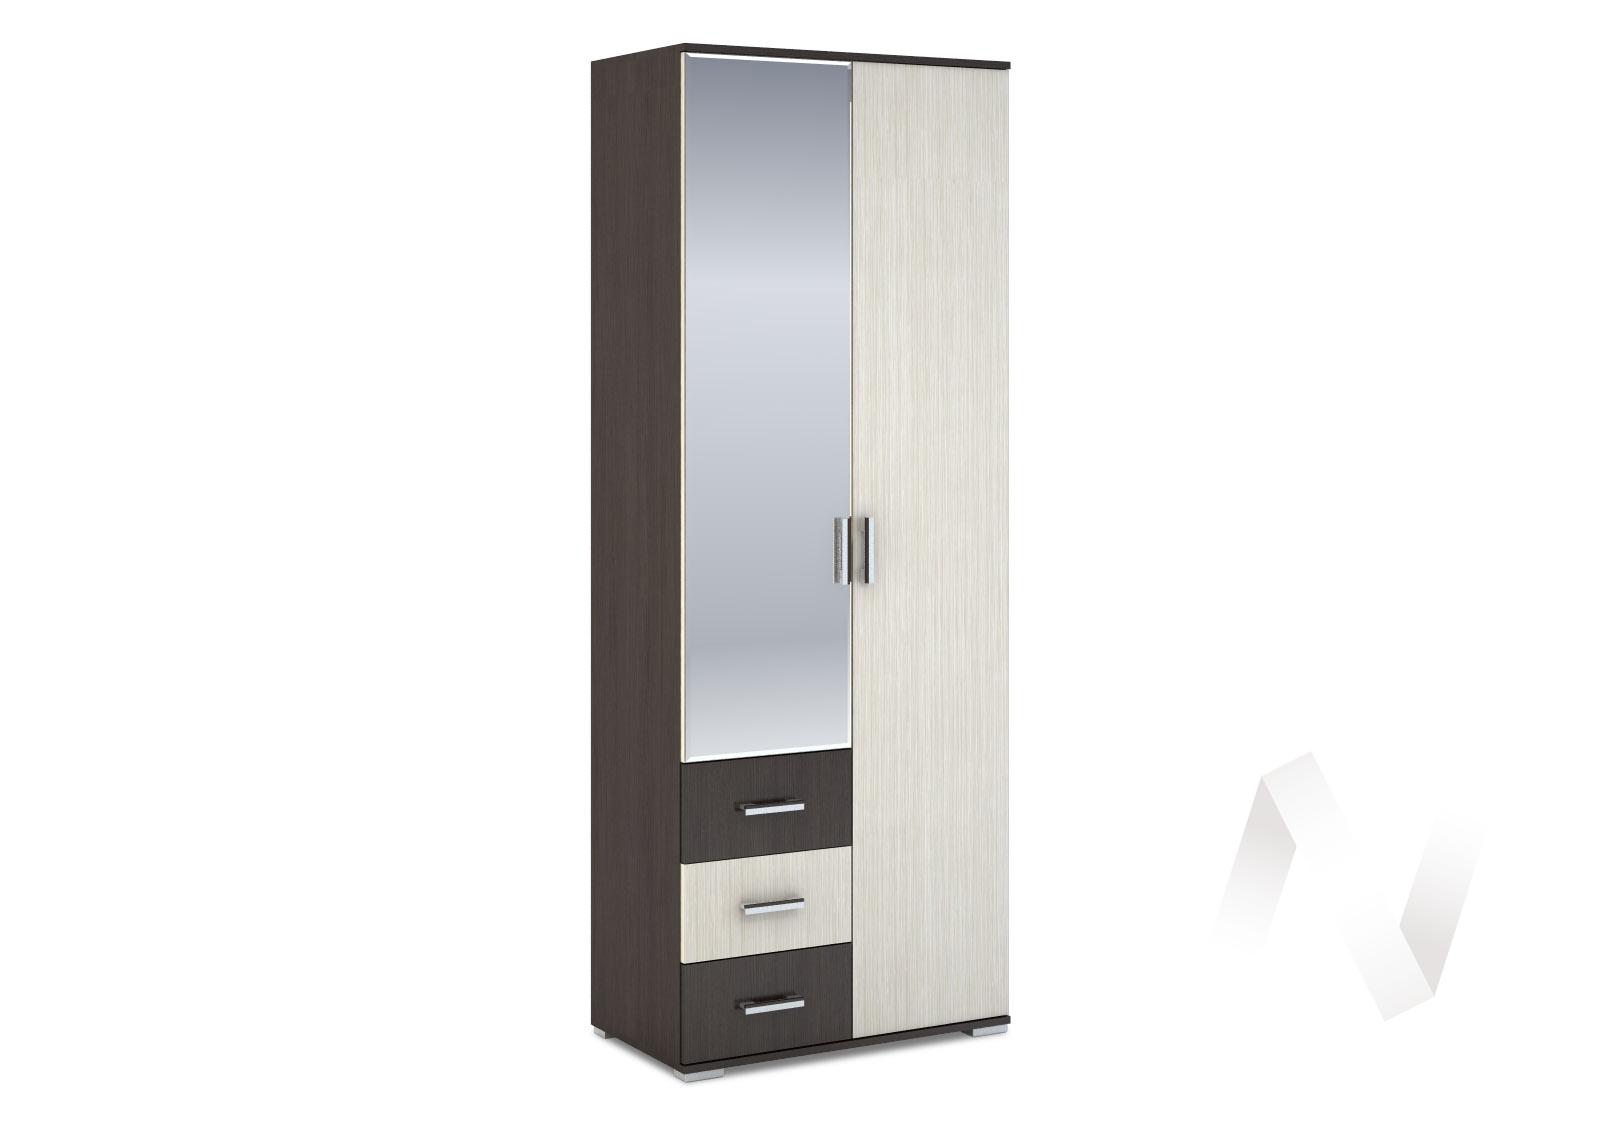 Шкаф 2-створчатый с ящиками 800 Рошель (венге/дуб белфорд) ШК-802